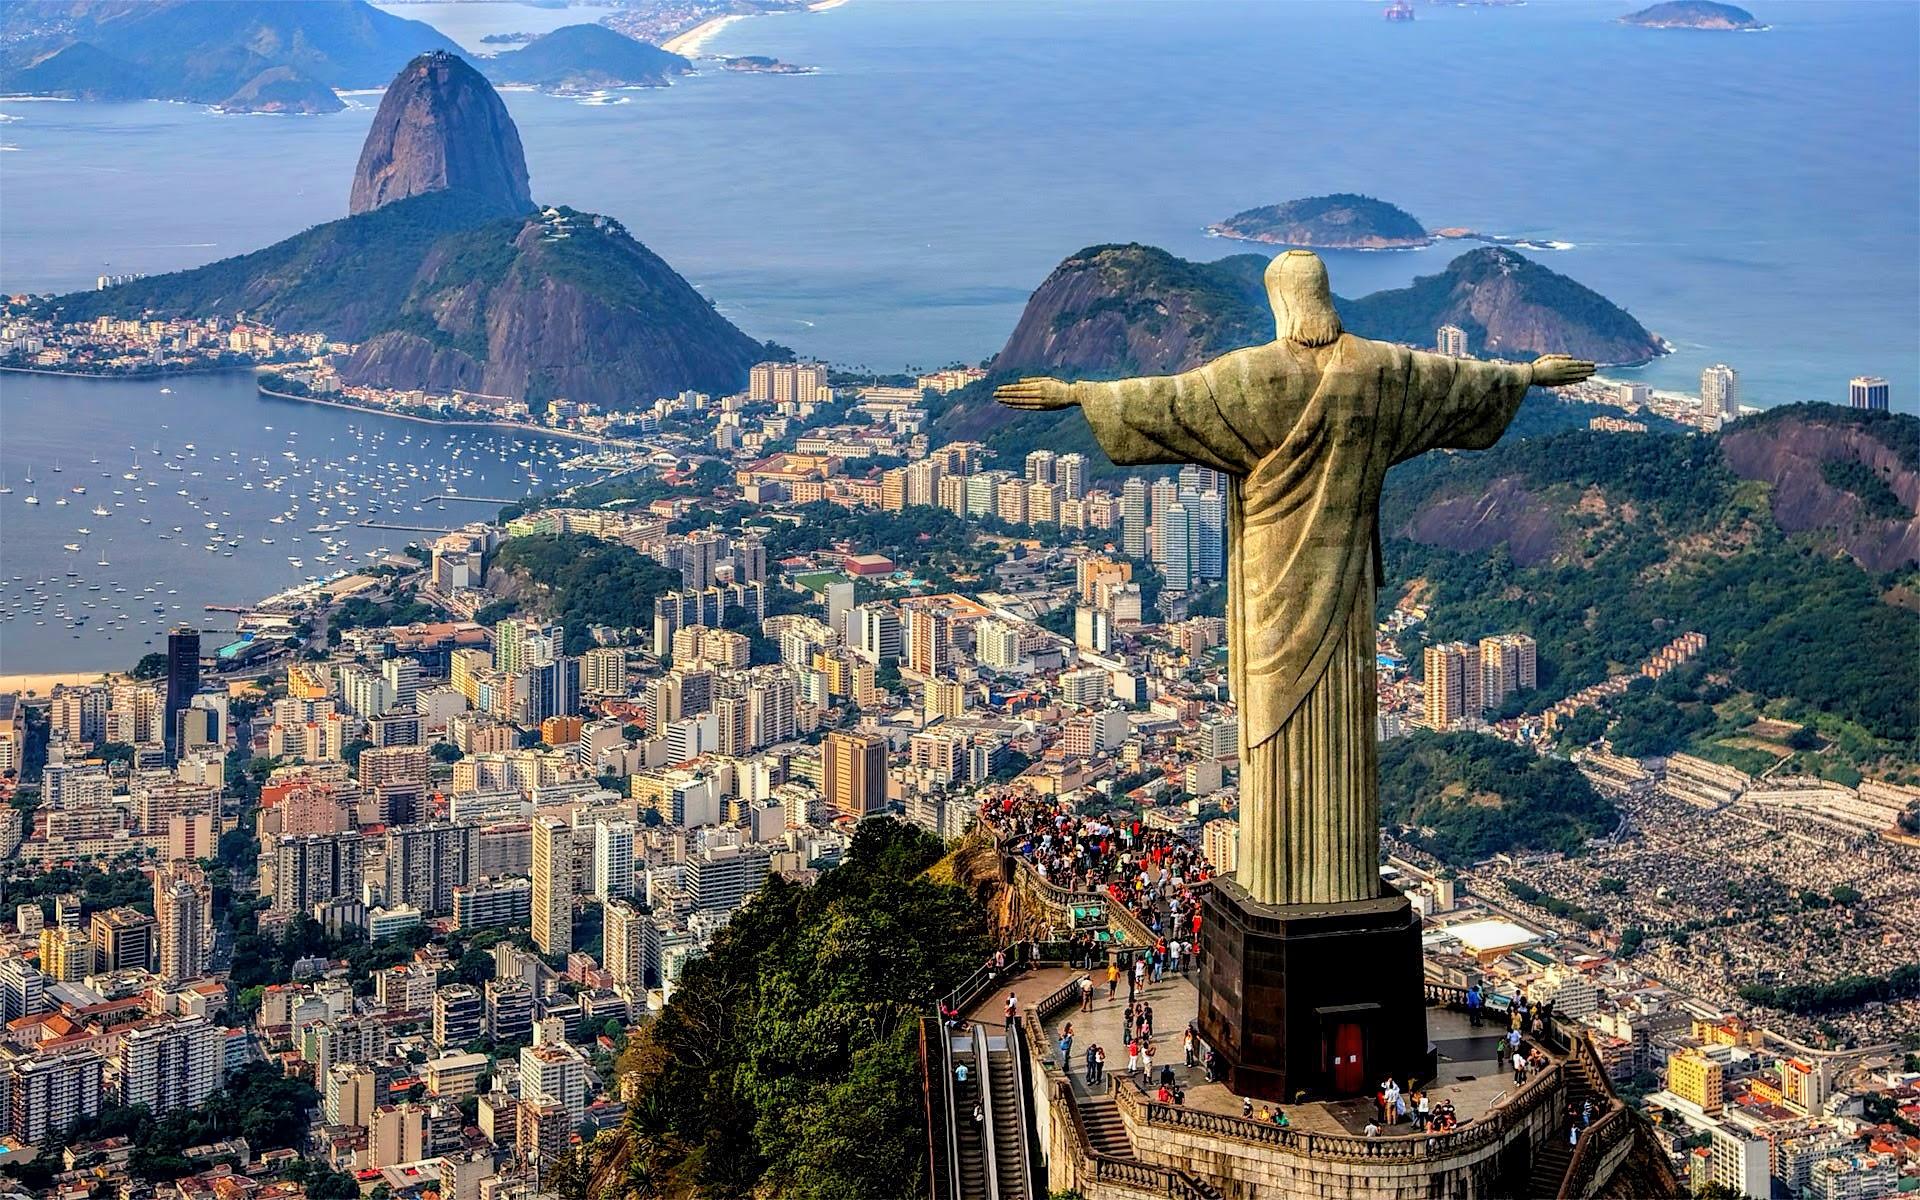 Christ The Redeemer Statue, Rio de Janeiro, Brazil ~ Mystery Wallpaper